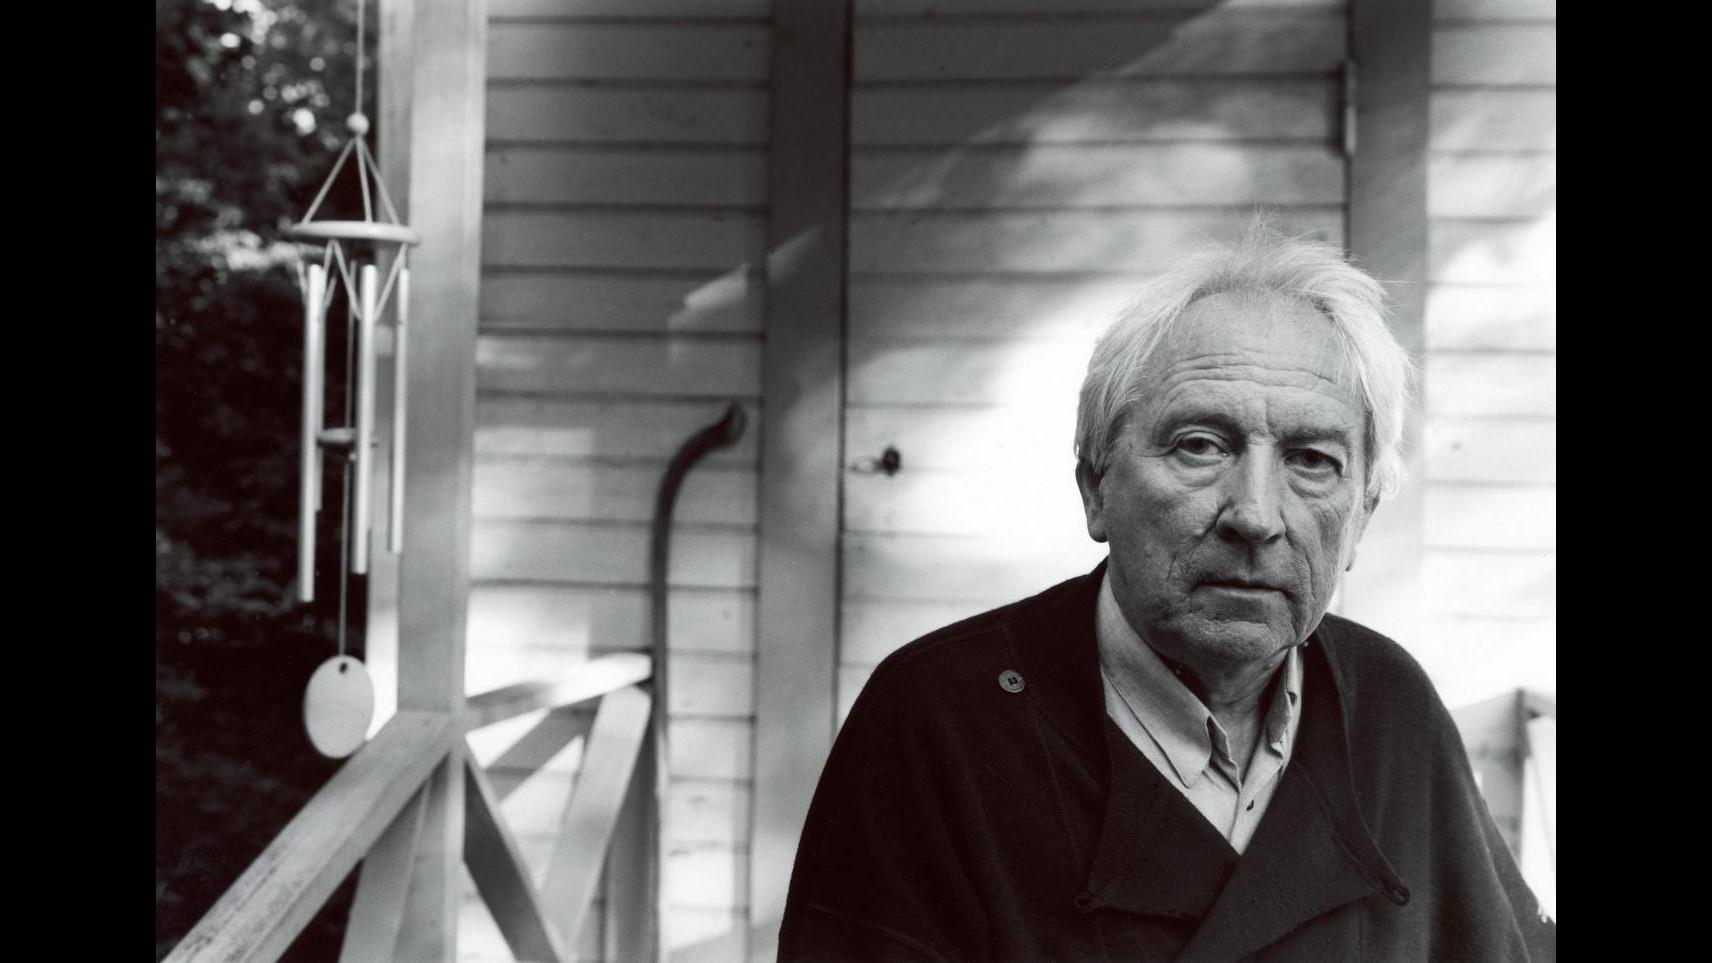 Svezia, morto a 83 anni premio Nobel letteratura 2011 Tomas Transtroemer